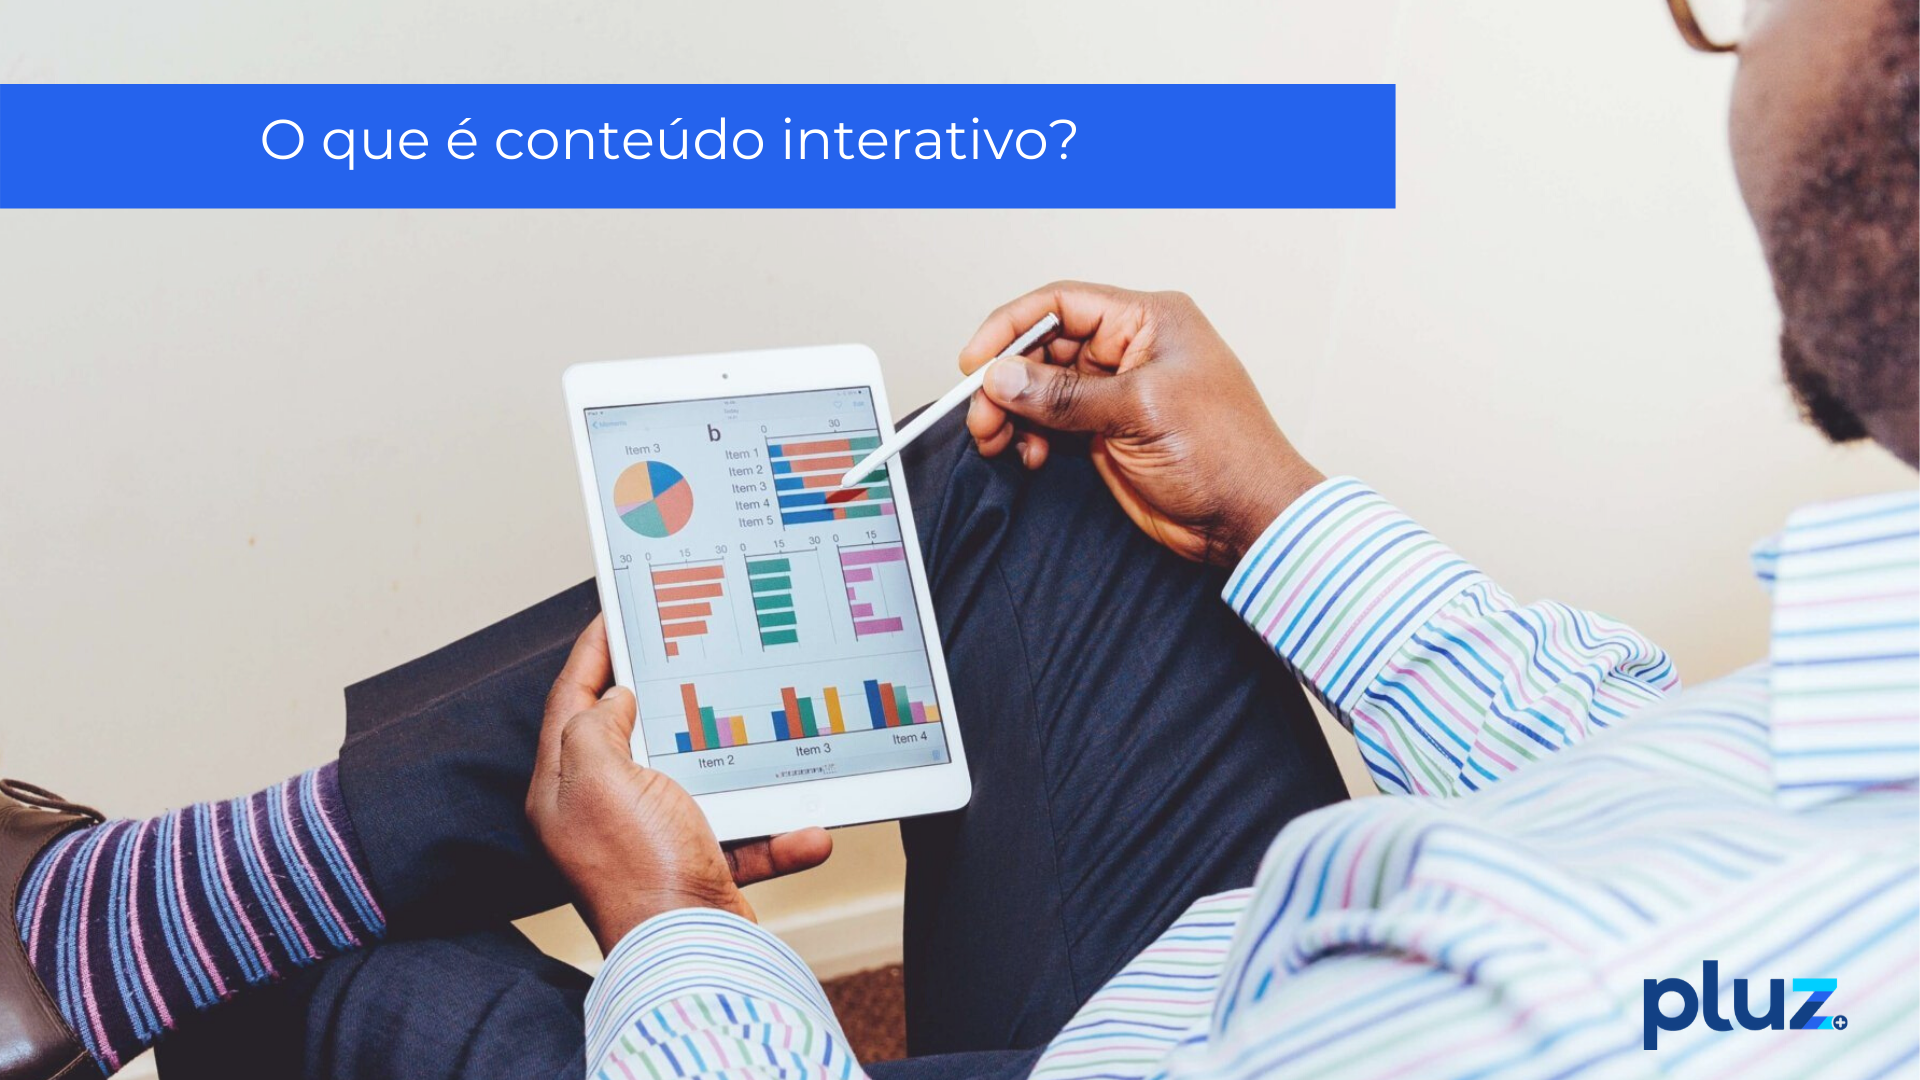 O que é conteudo interativo